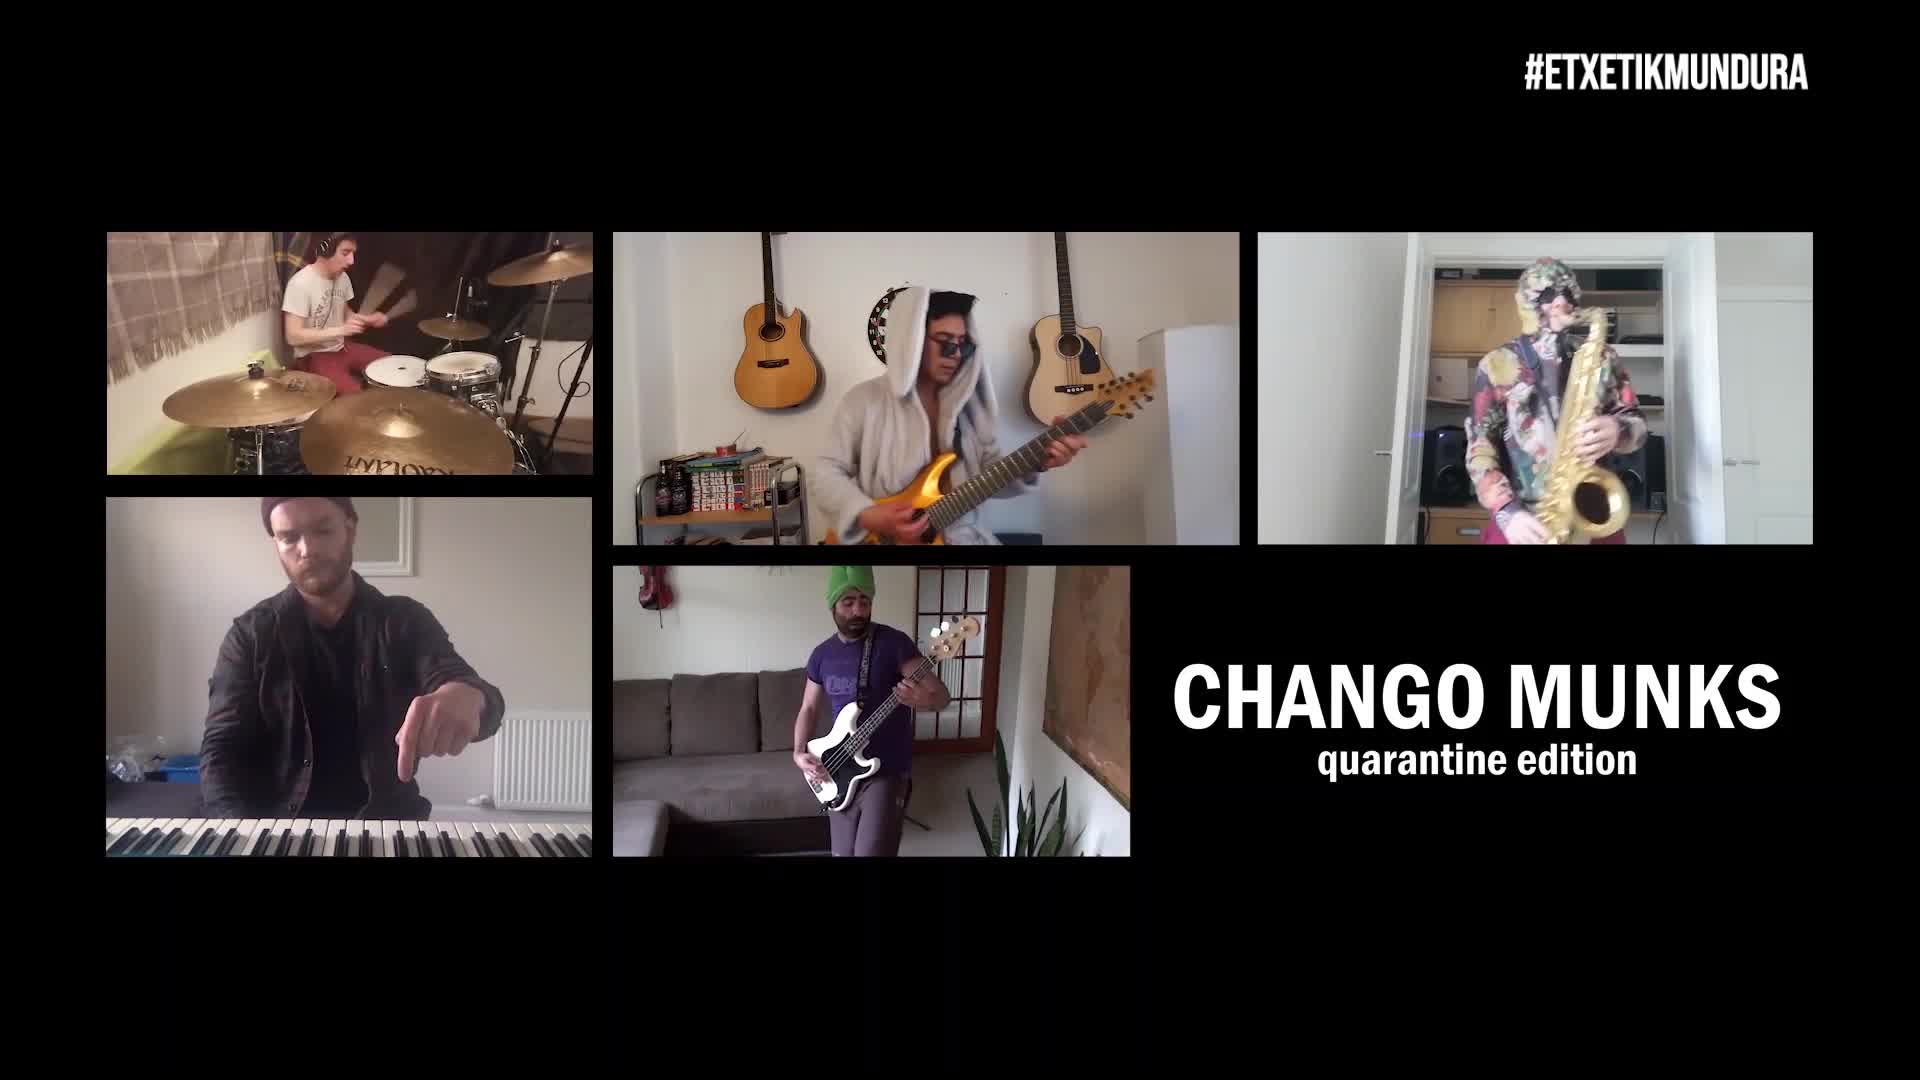 Chango Munks musika taldea, etxetik mundura